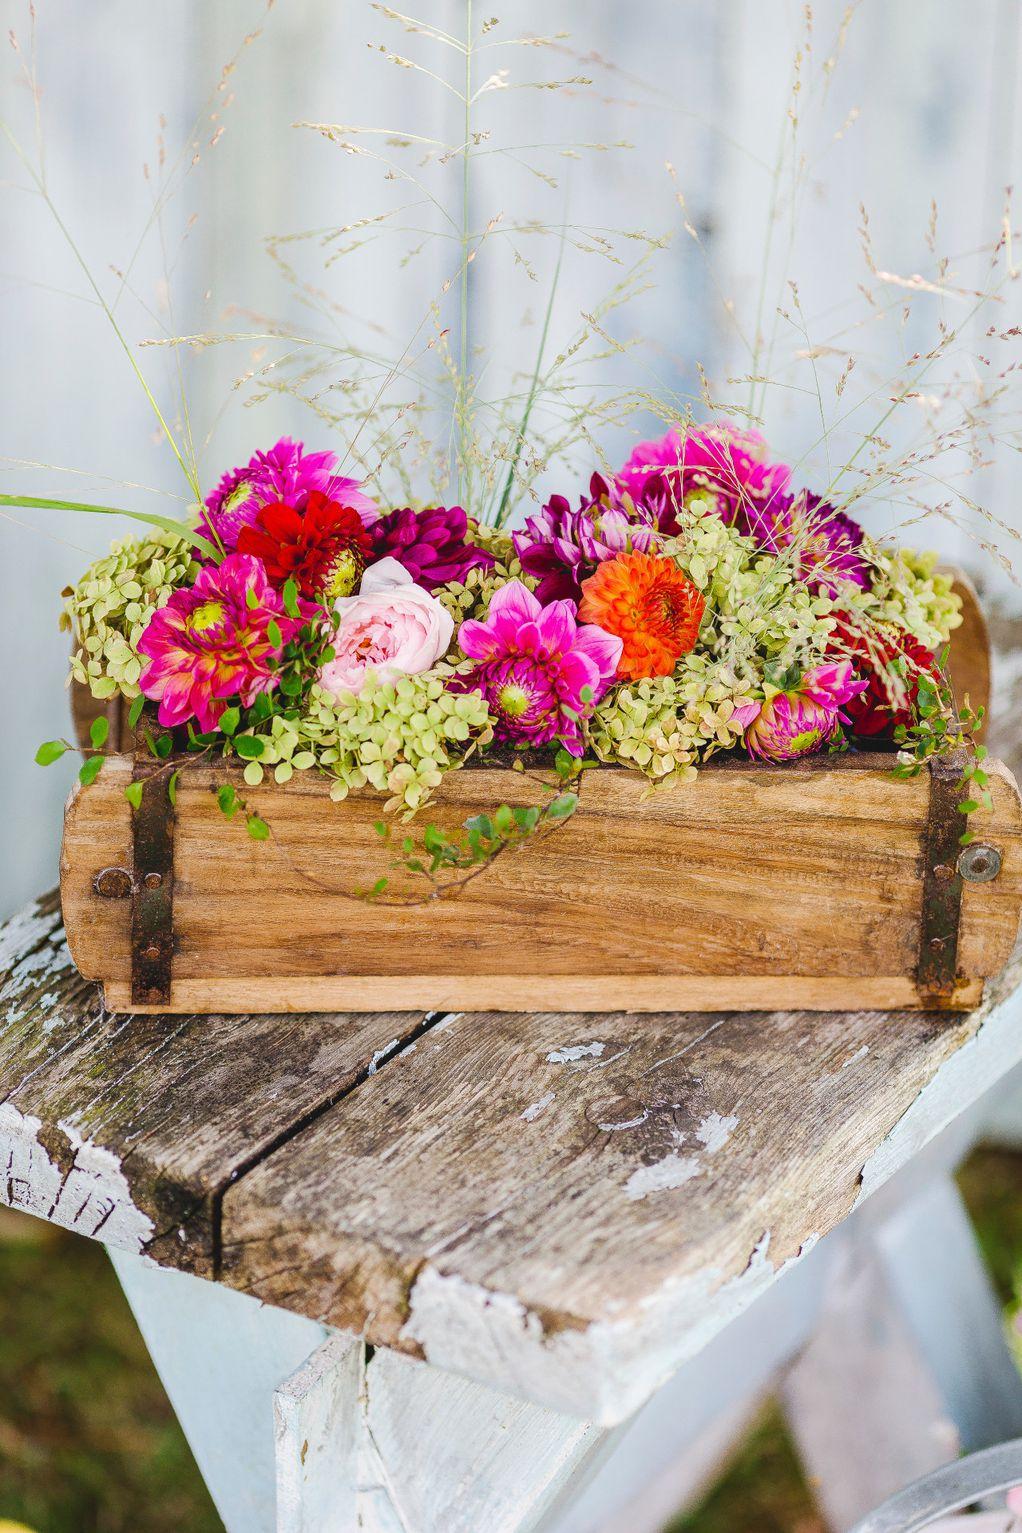 Од масичка до полица: 10 докази дека дрвена кутија може да замени дел од мебелот во домот